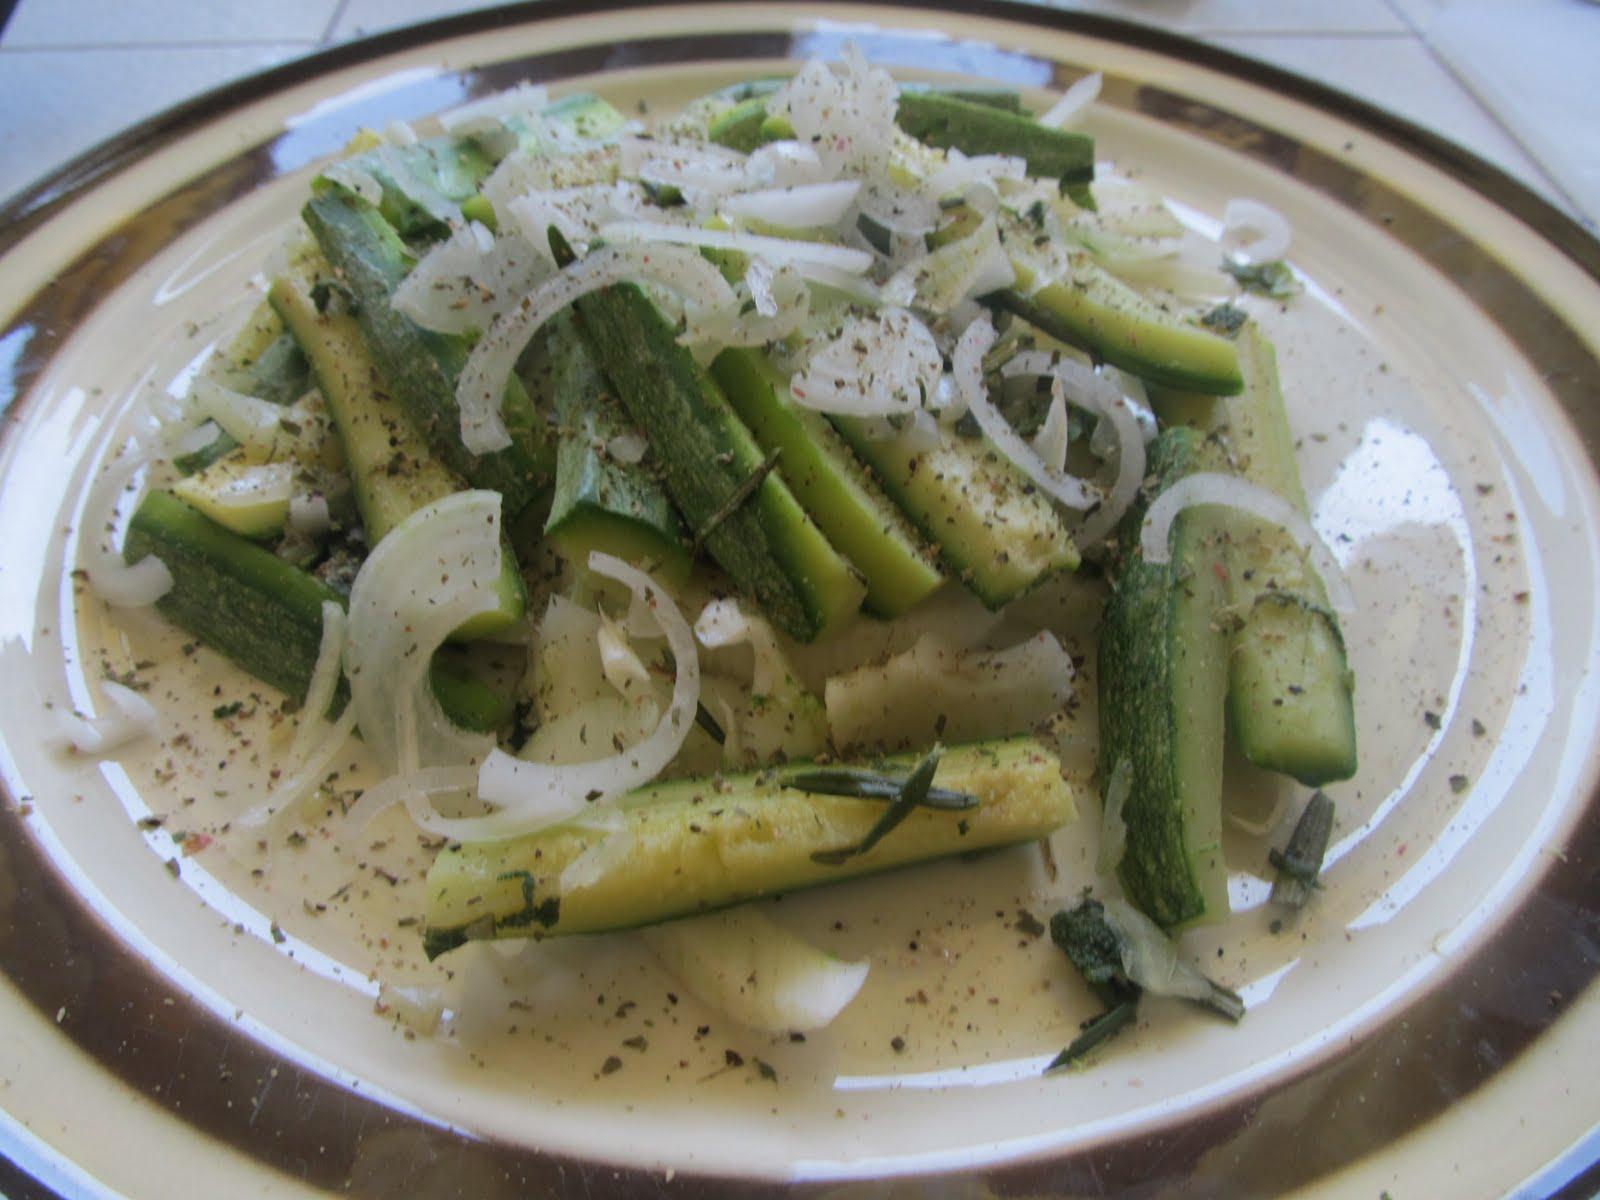 La cucina di silvia zucchine al vapore x il mio papy - Cucina a vapore ricette ...